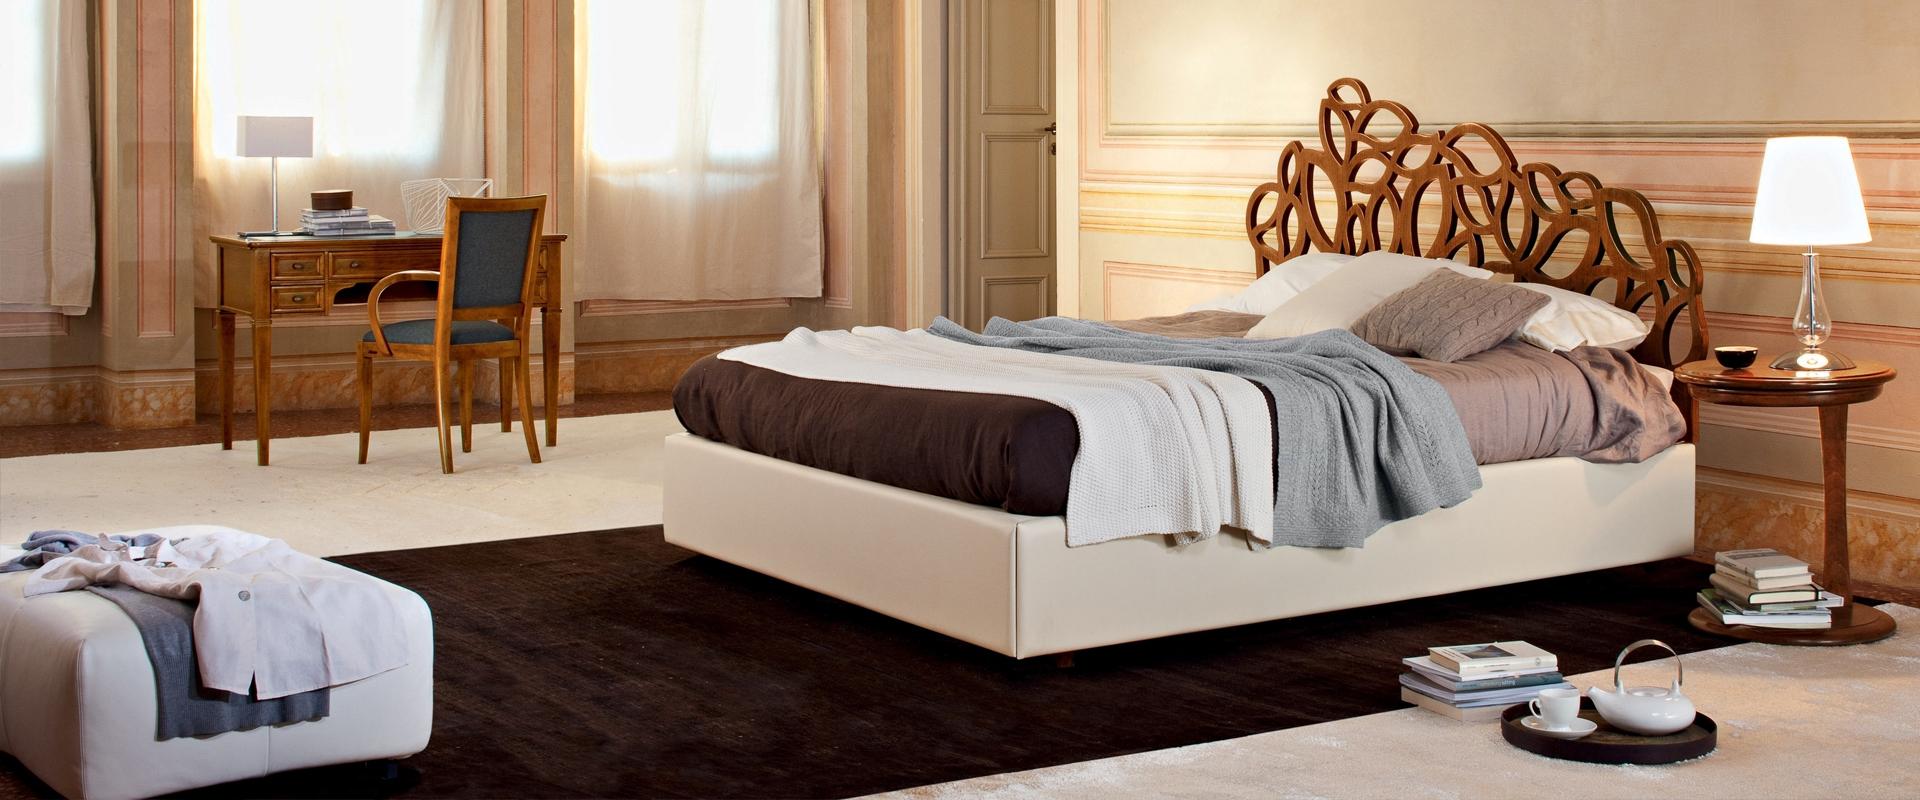 Camere da letto a Lecce e Salento